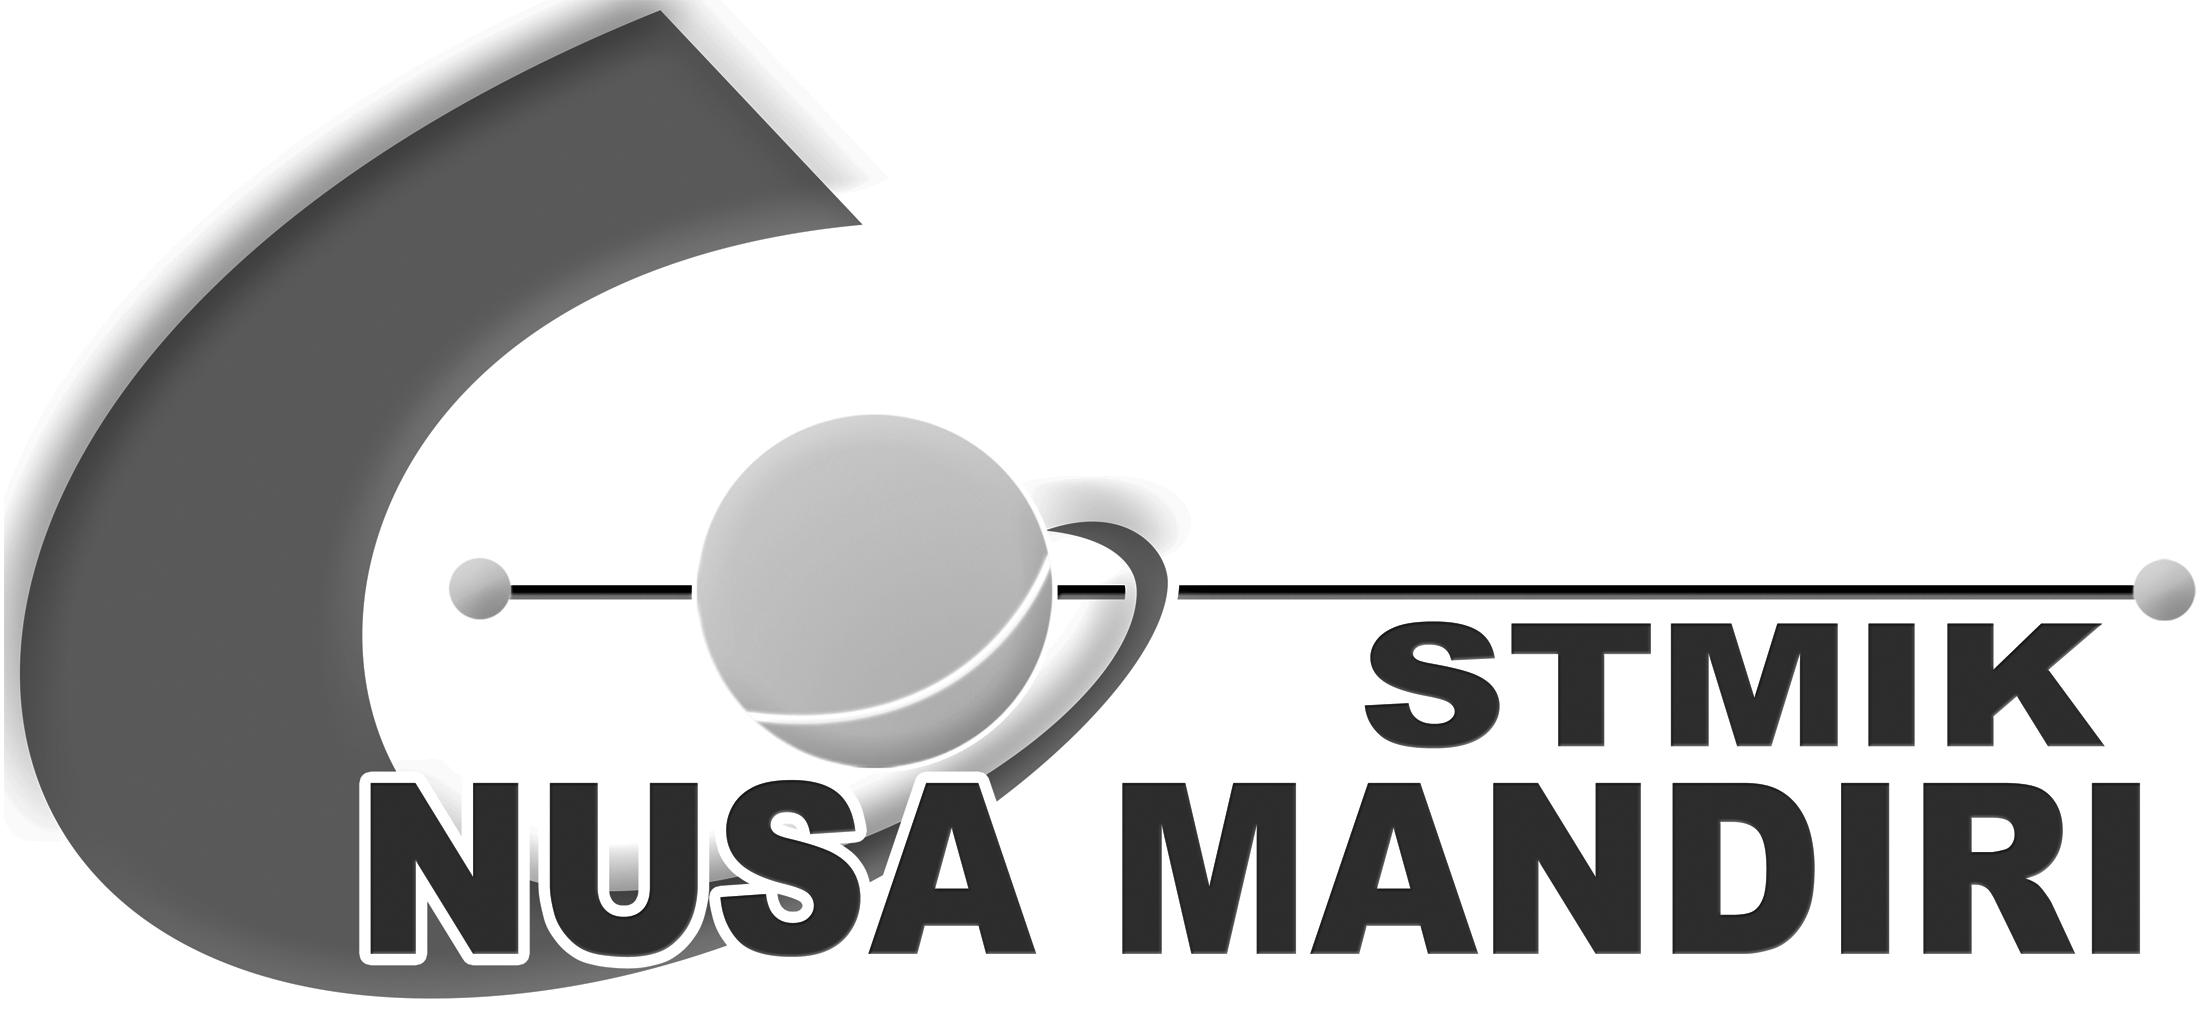 Logo STMIK Nusa Mandiri Original PNG Terbaru Hitam Putih